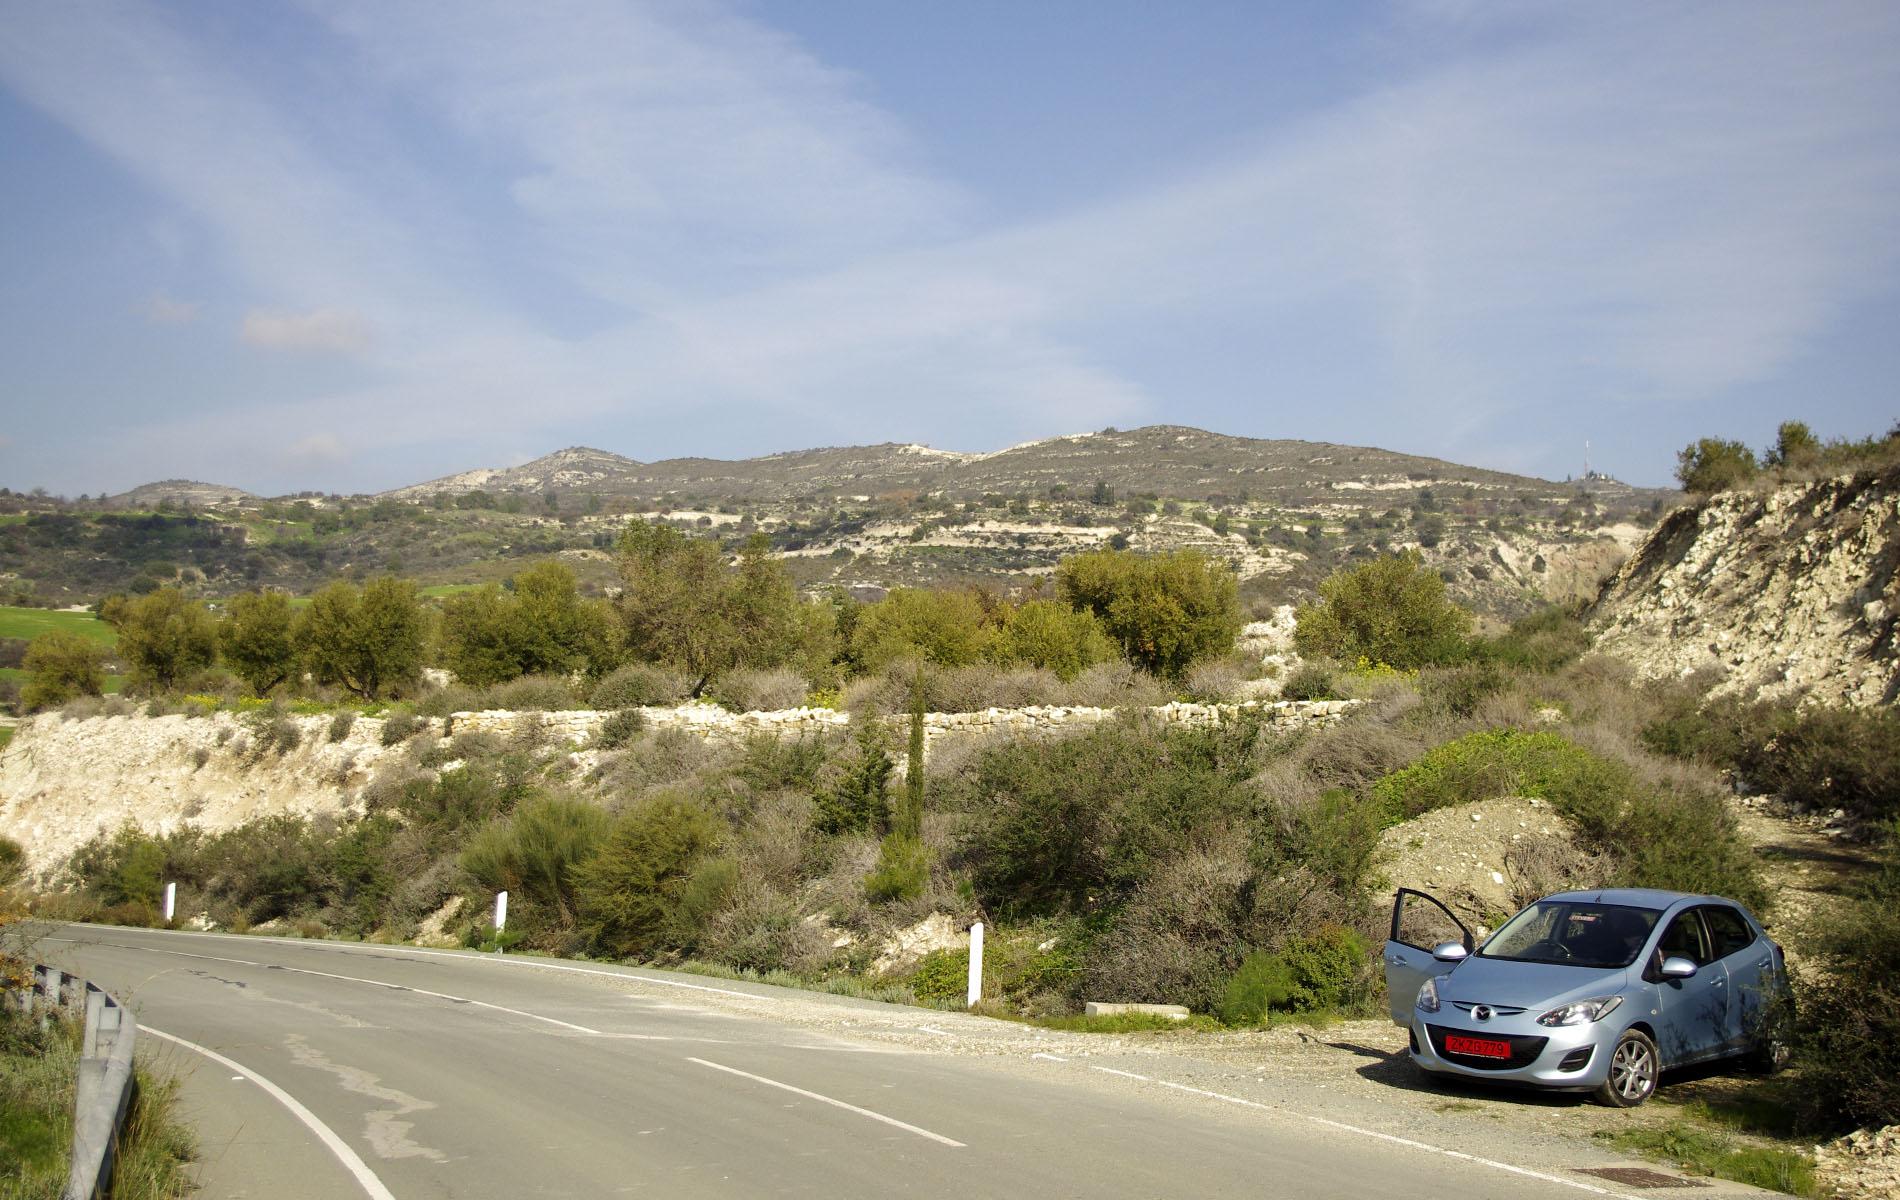 На машине по Кипру, оливковая роща над дорогой